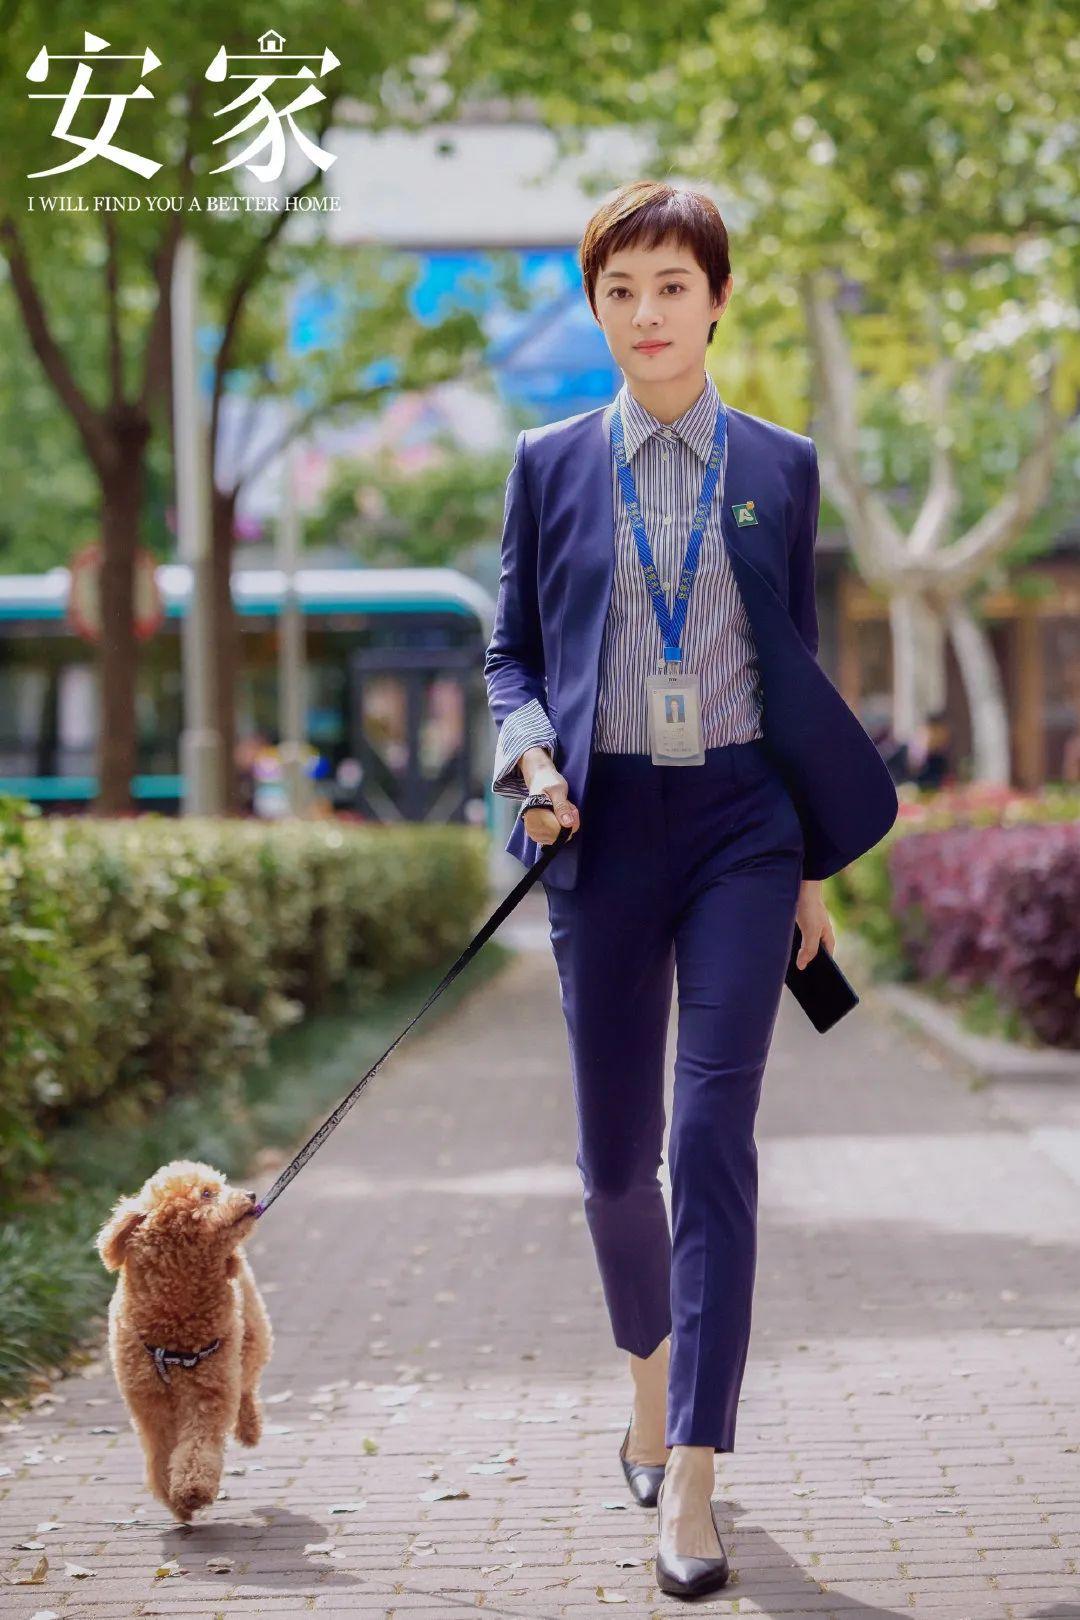 """Style công sở của Tôn Lệ trong phim mới khiến dân tình phân vân: Người khen đẹp, người chê vừa xấu vừa """"dừ"""" - Ảnh 1."""